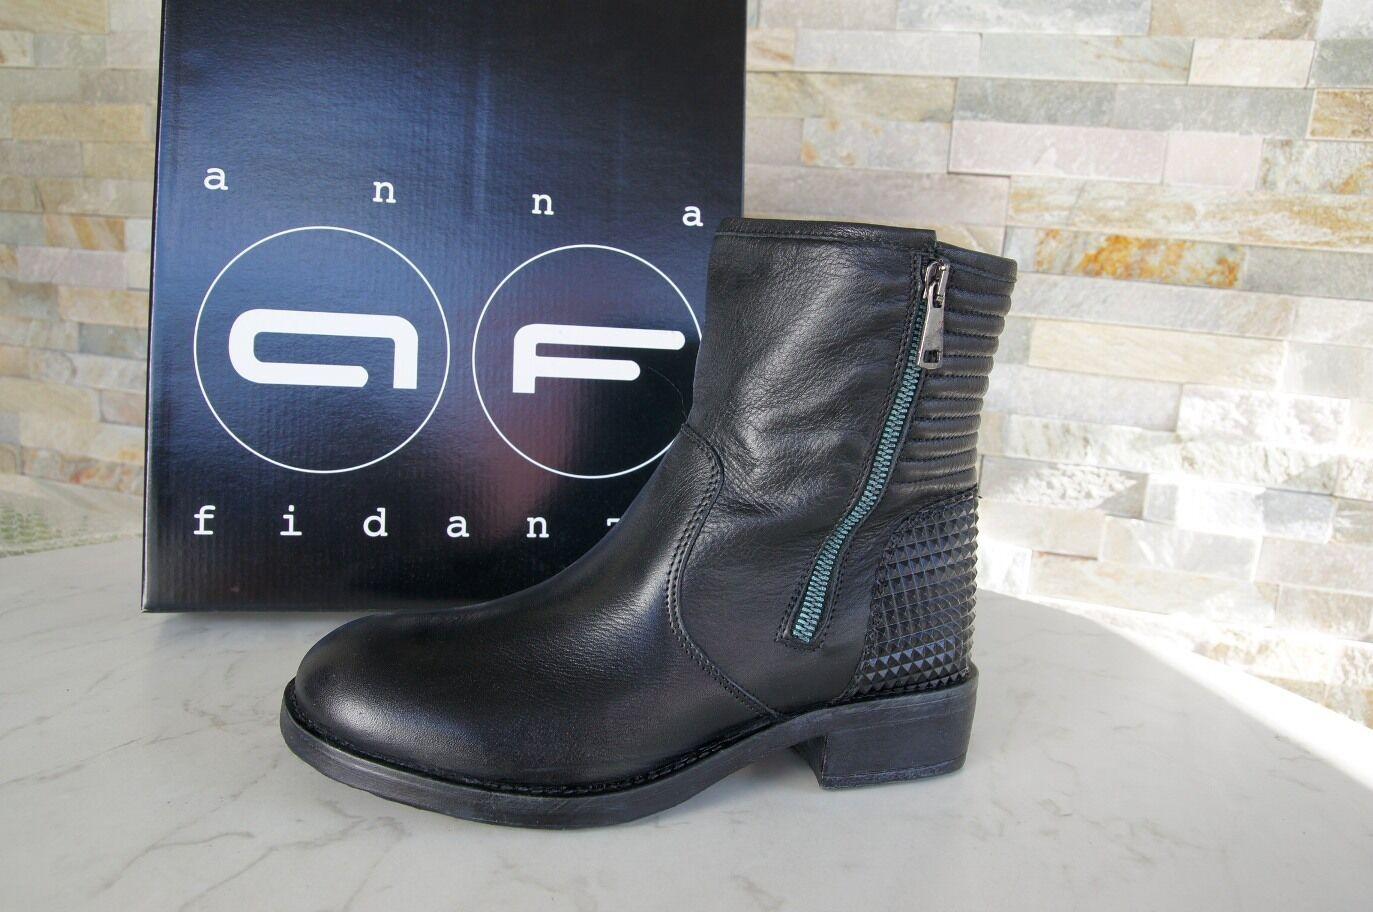 Anna Fidanza T 38 Bottines bottes chaussures en Cuir noir Nouveau Ancien Prix Recomhommedé